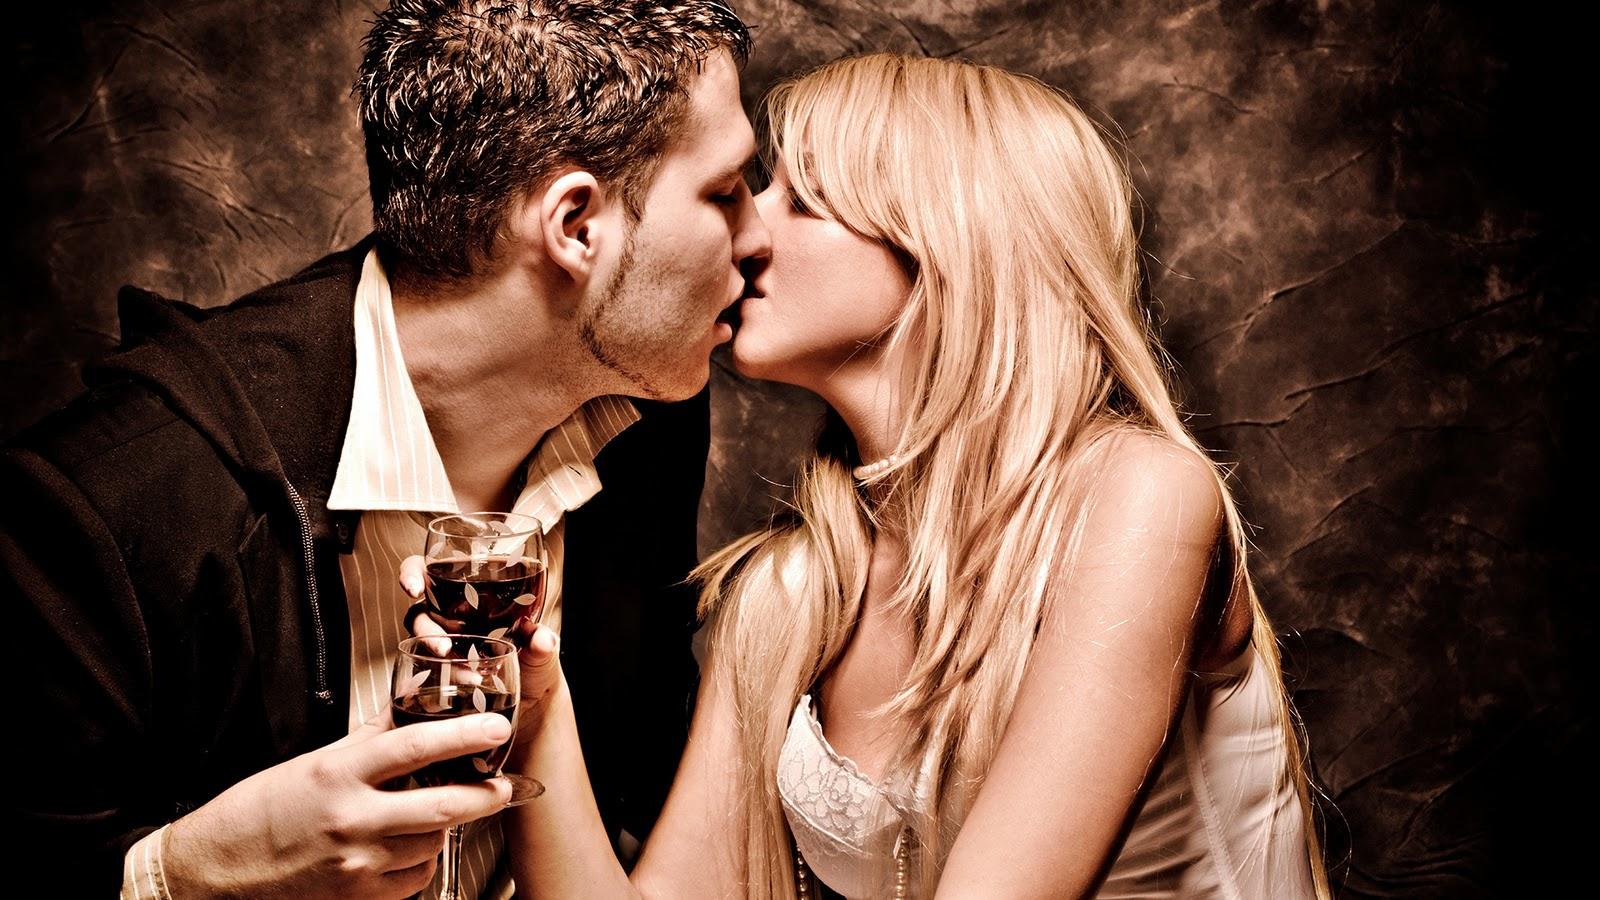 Фото женщины целуются 24 фотография